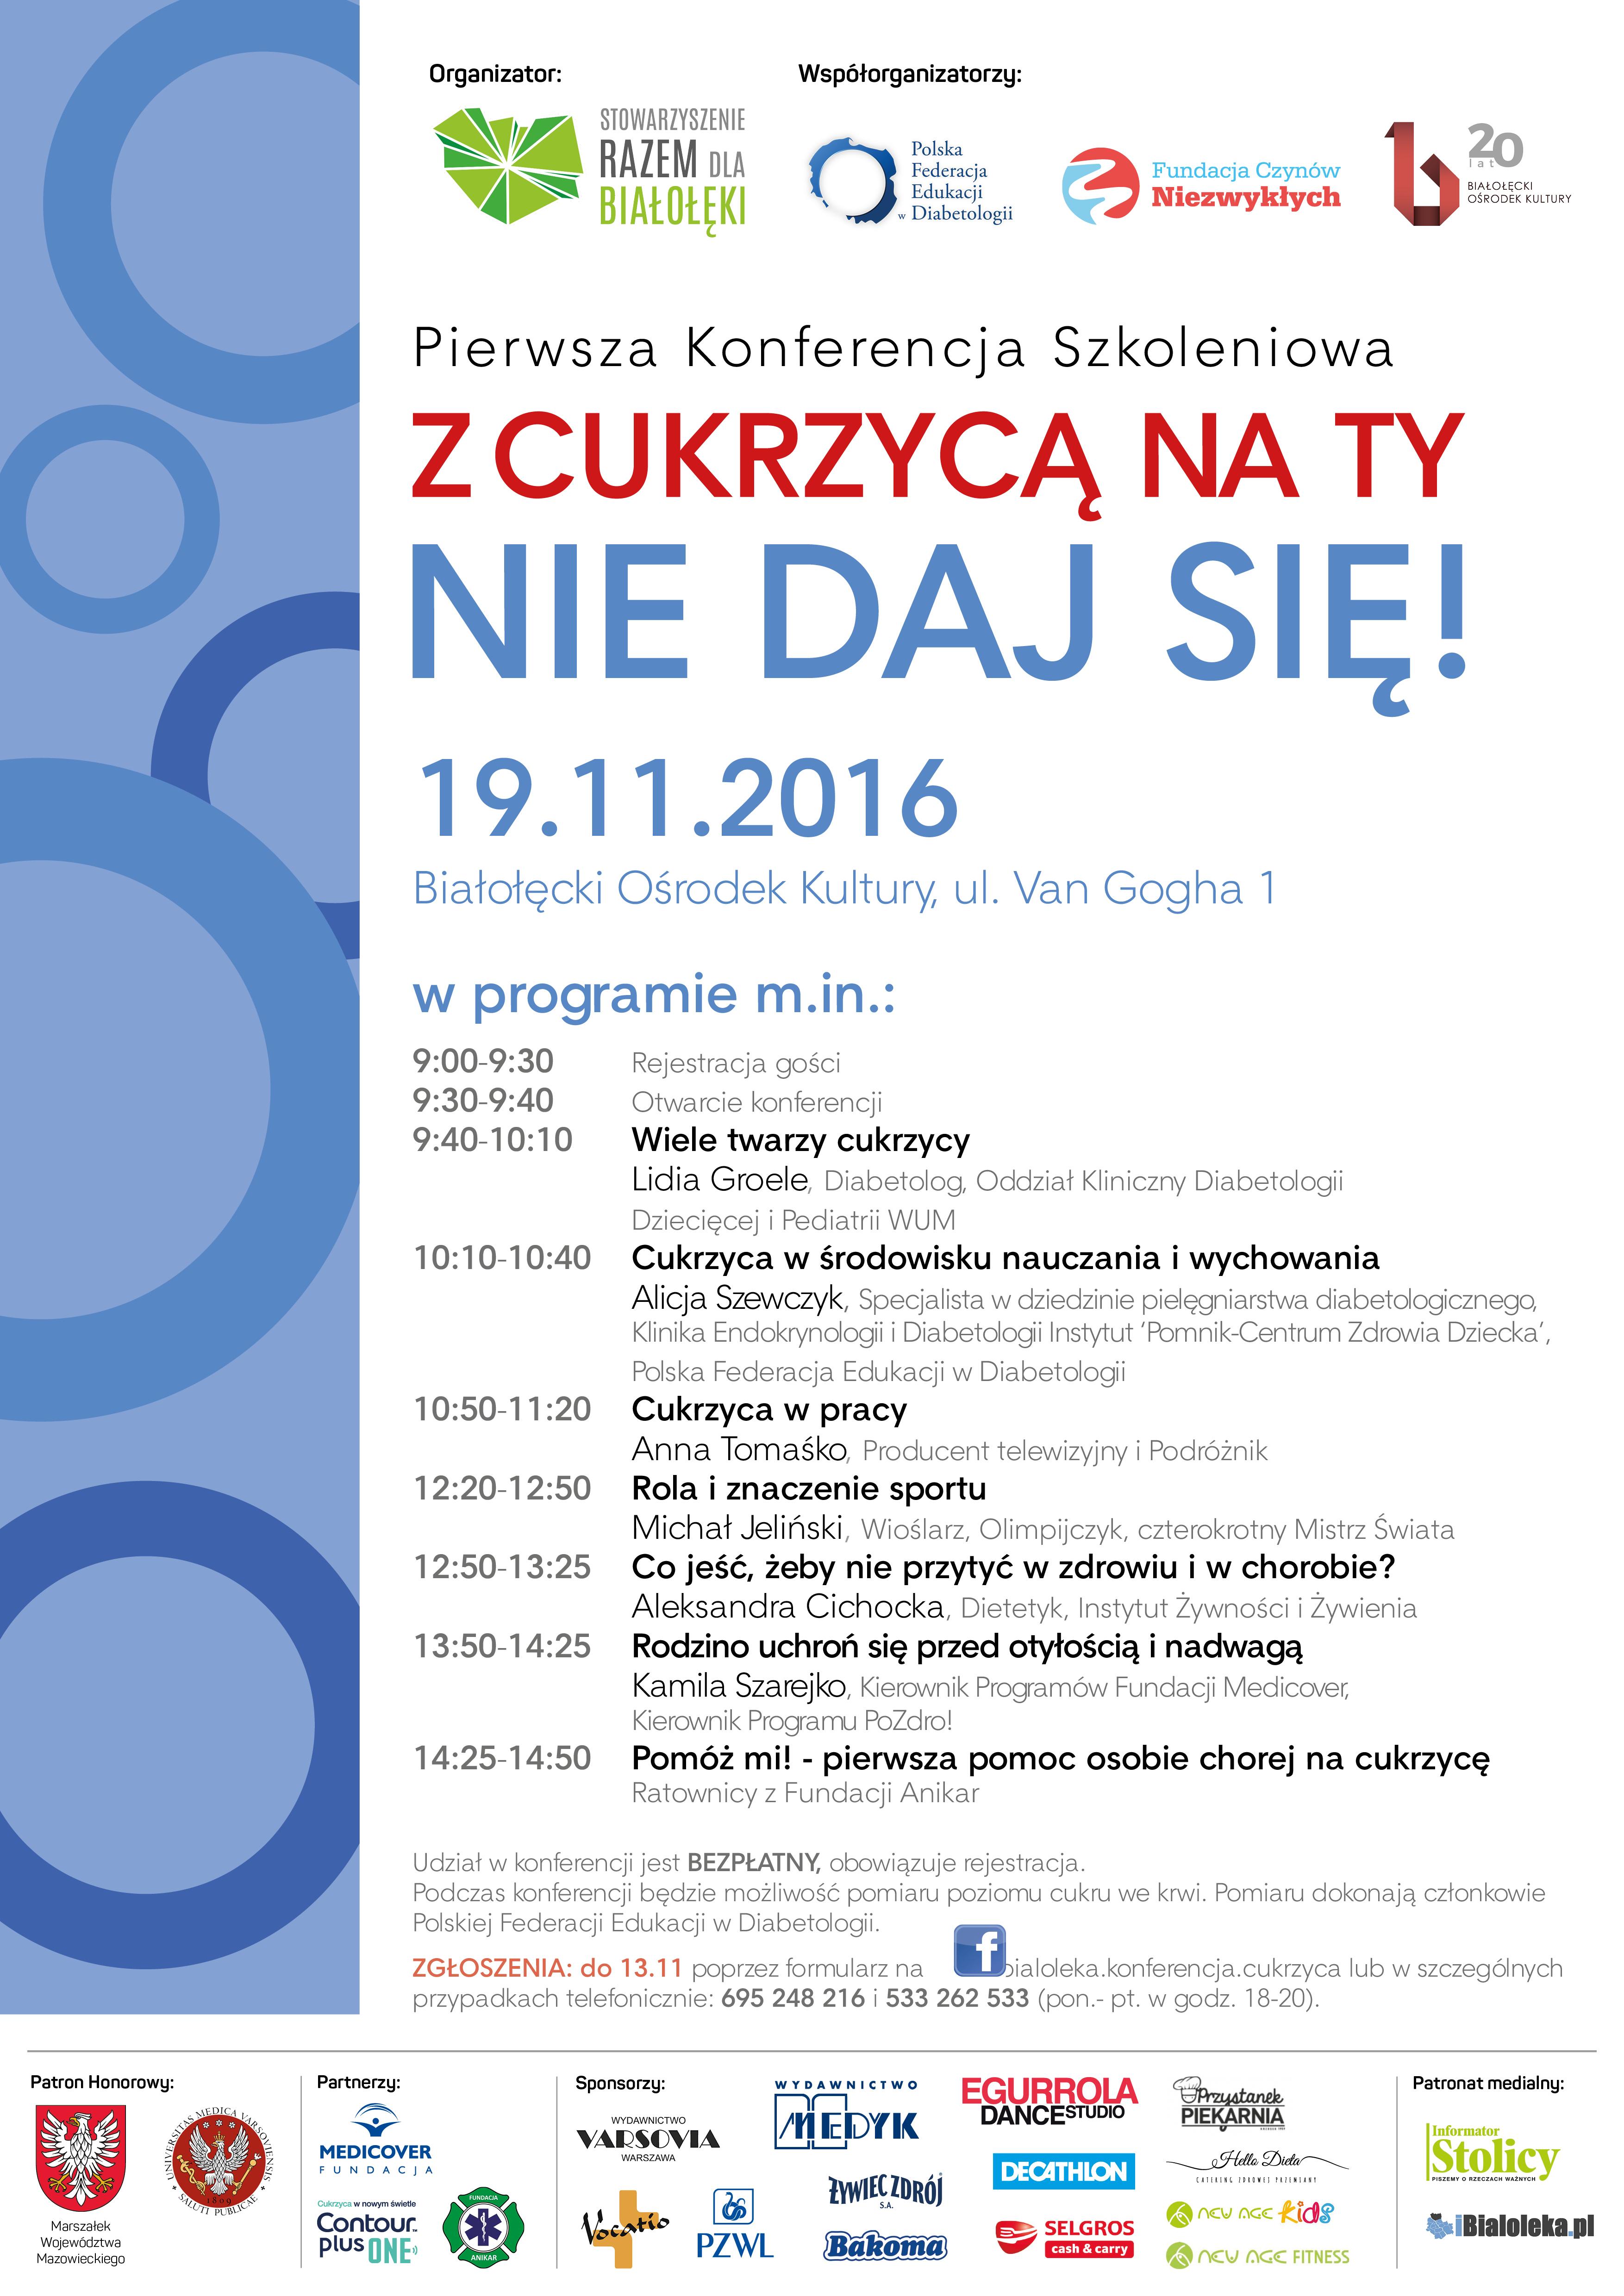 Bezpłatna konferencja szkoleniowa 'Z cukrzycą na Ty, nie daj się!' gminy Białołęka dla wszystkich